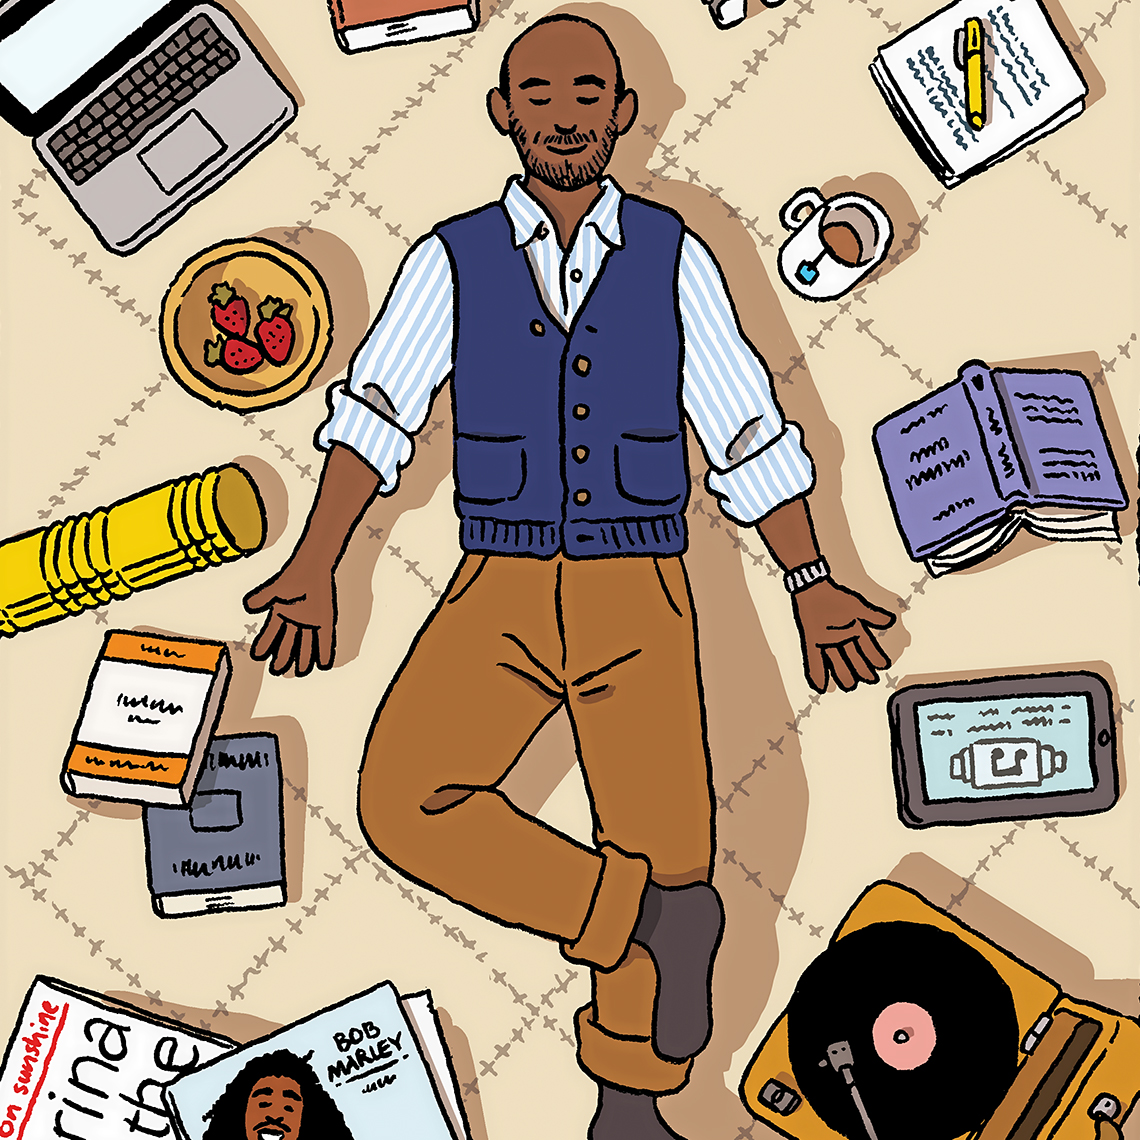 Dibujo de un hombre acostado en el piso rodeado de libros, álbumes de musica, café y frutas